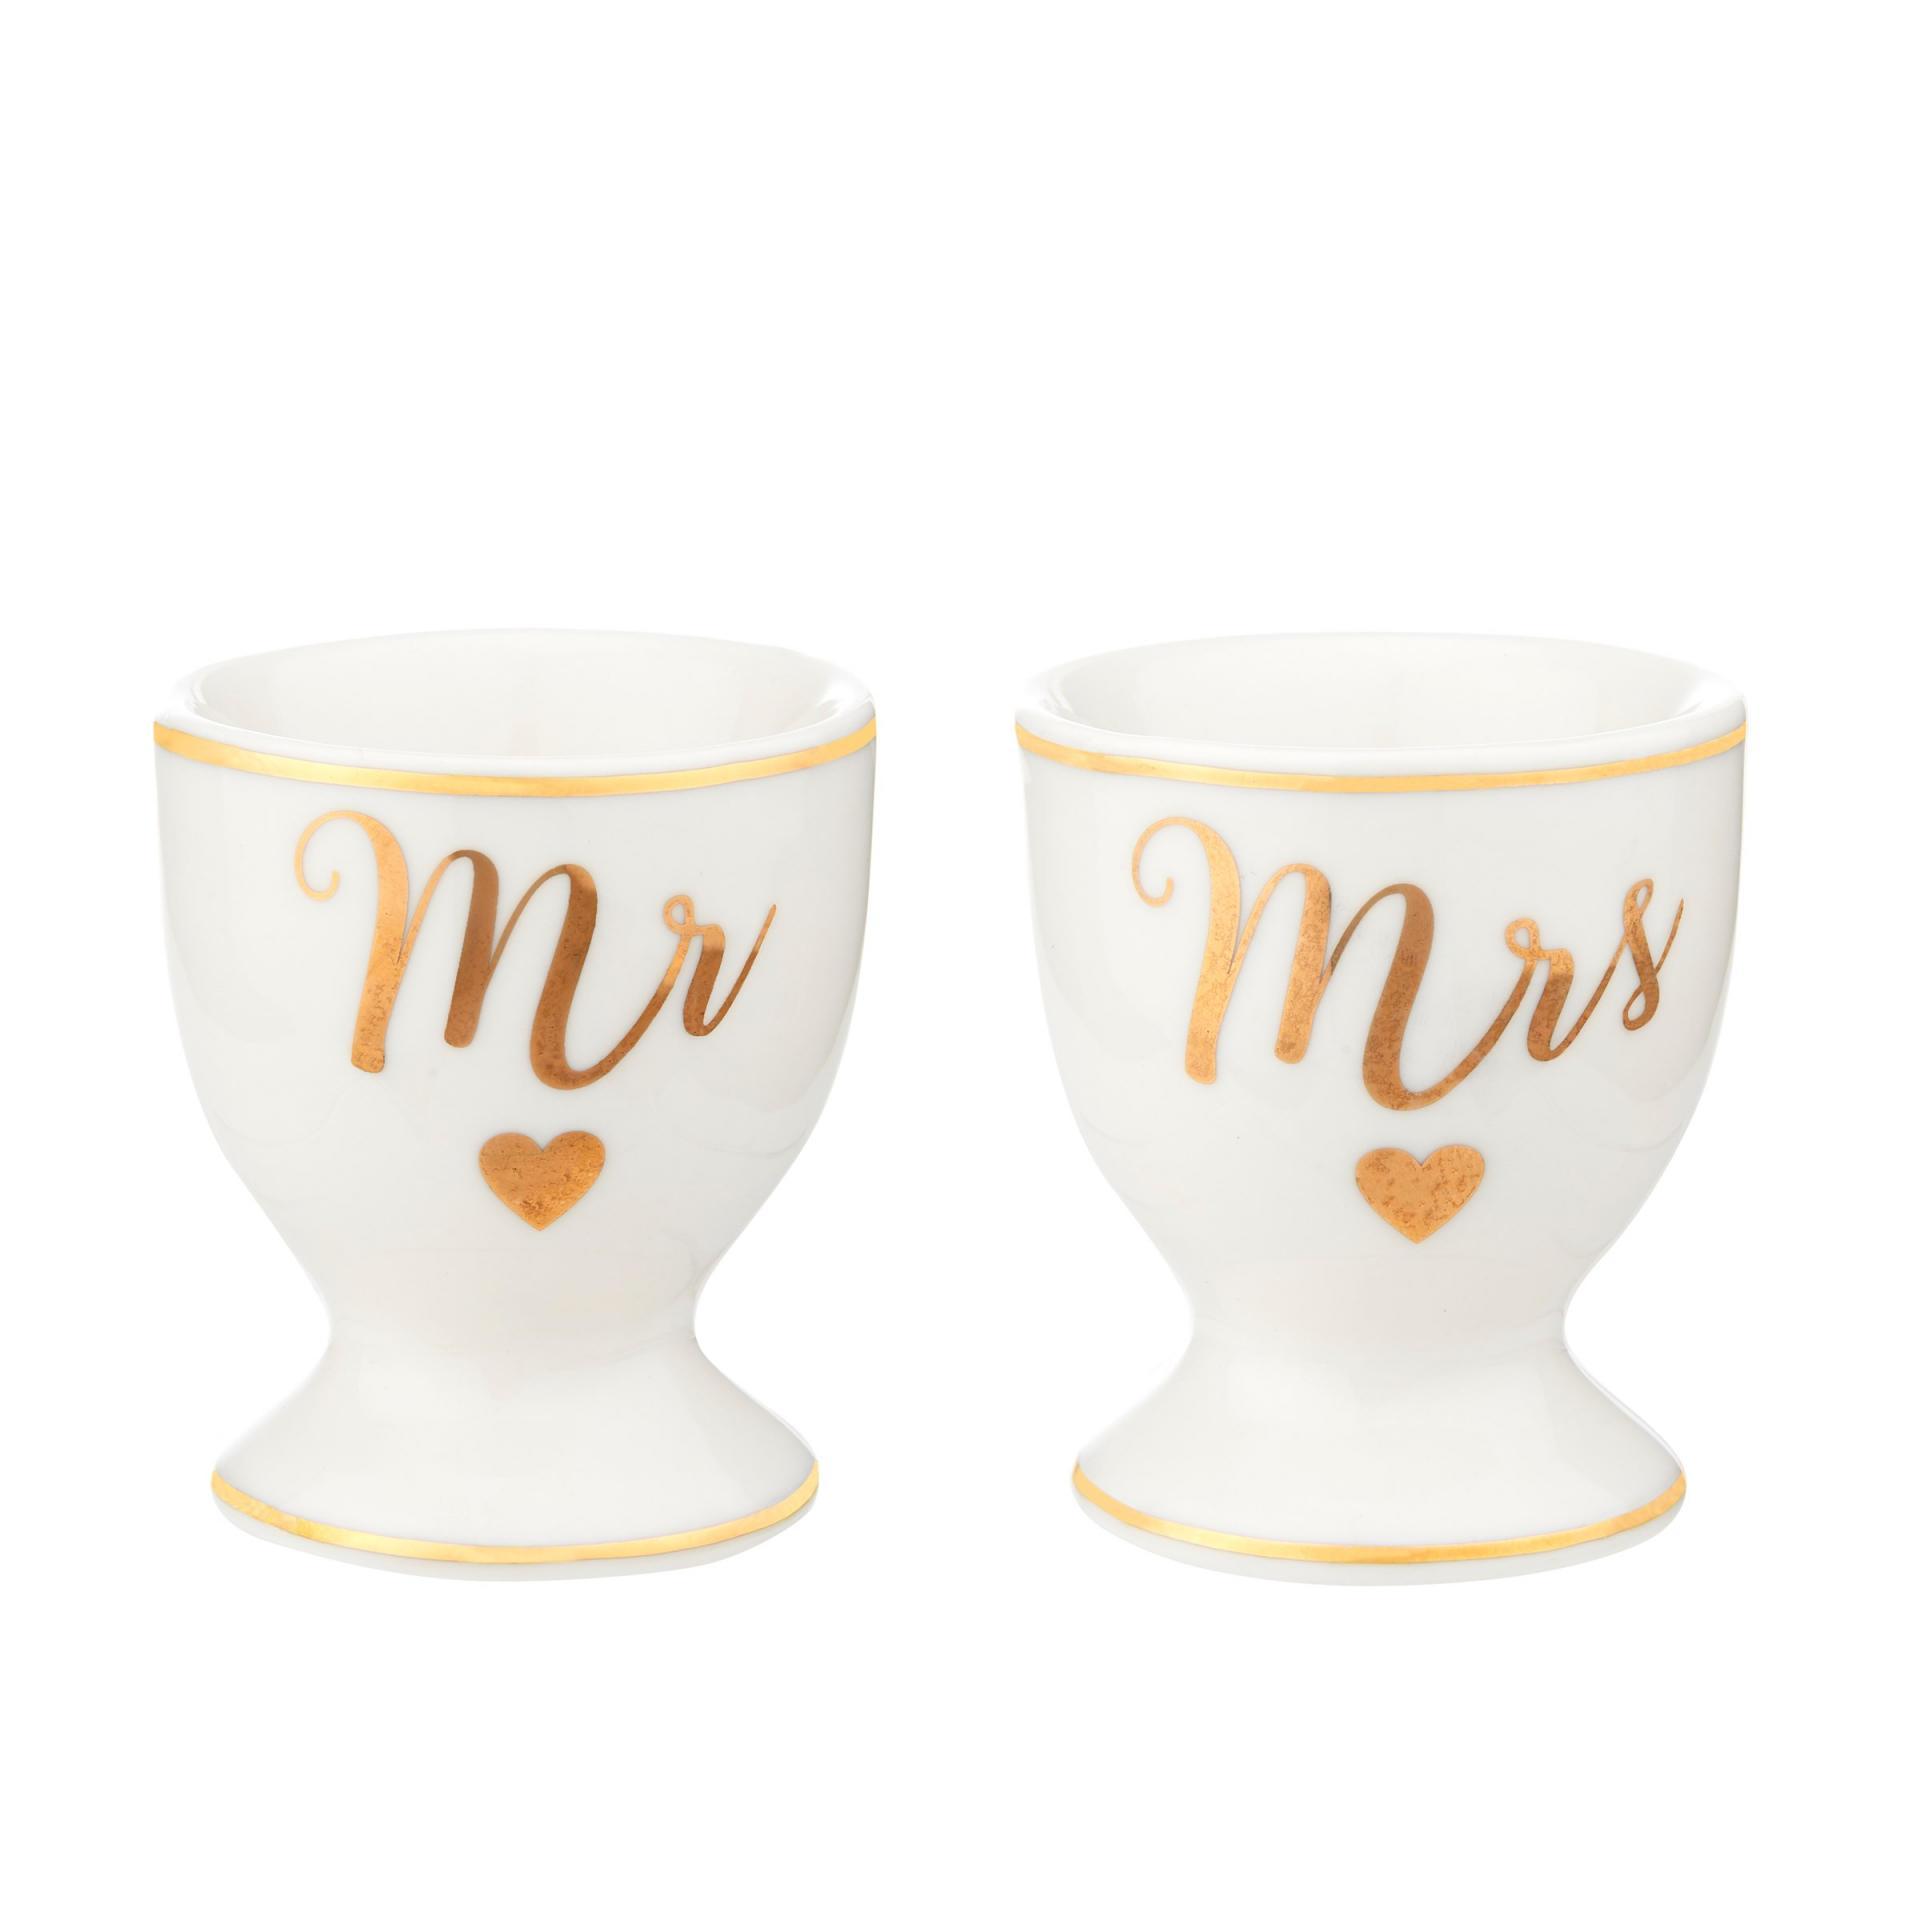 sass & belle Porcelánové stojánky na vejce Mr & Mrs, bílá barva, zlatá barva, porcelán